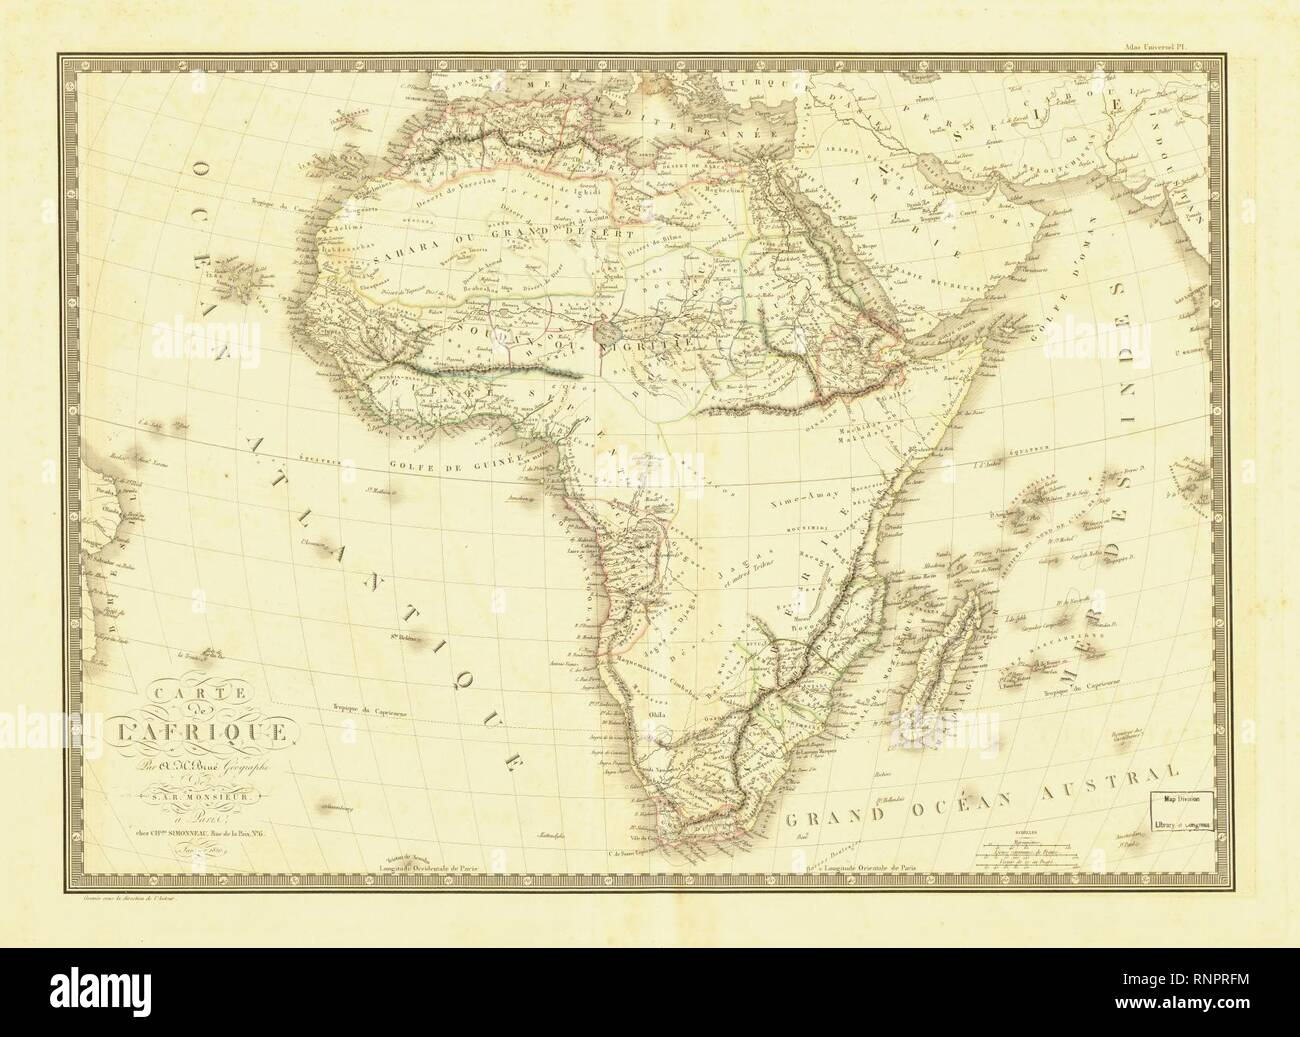 Carte de l'Afrique - Stock Image